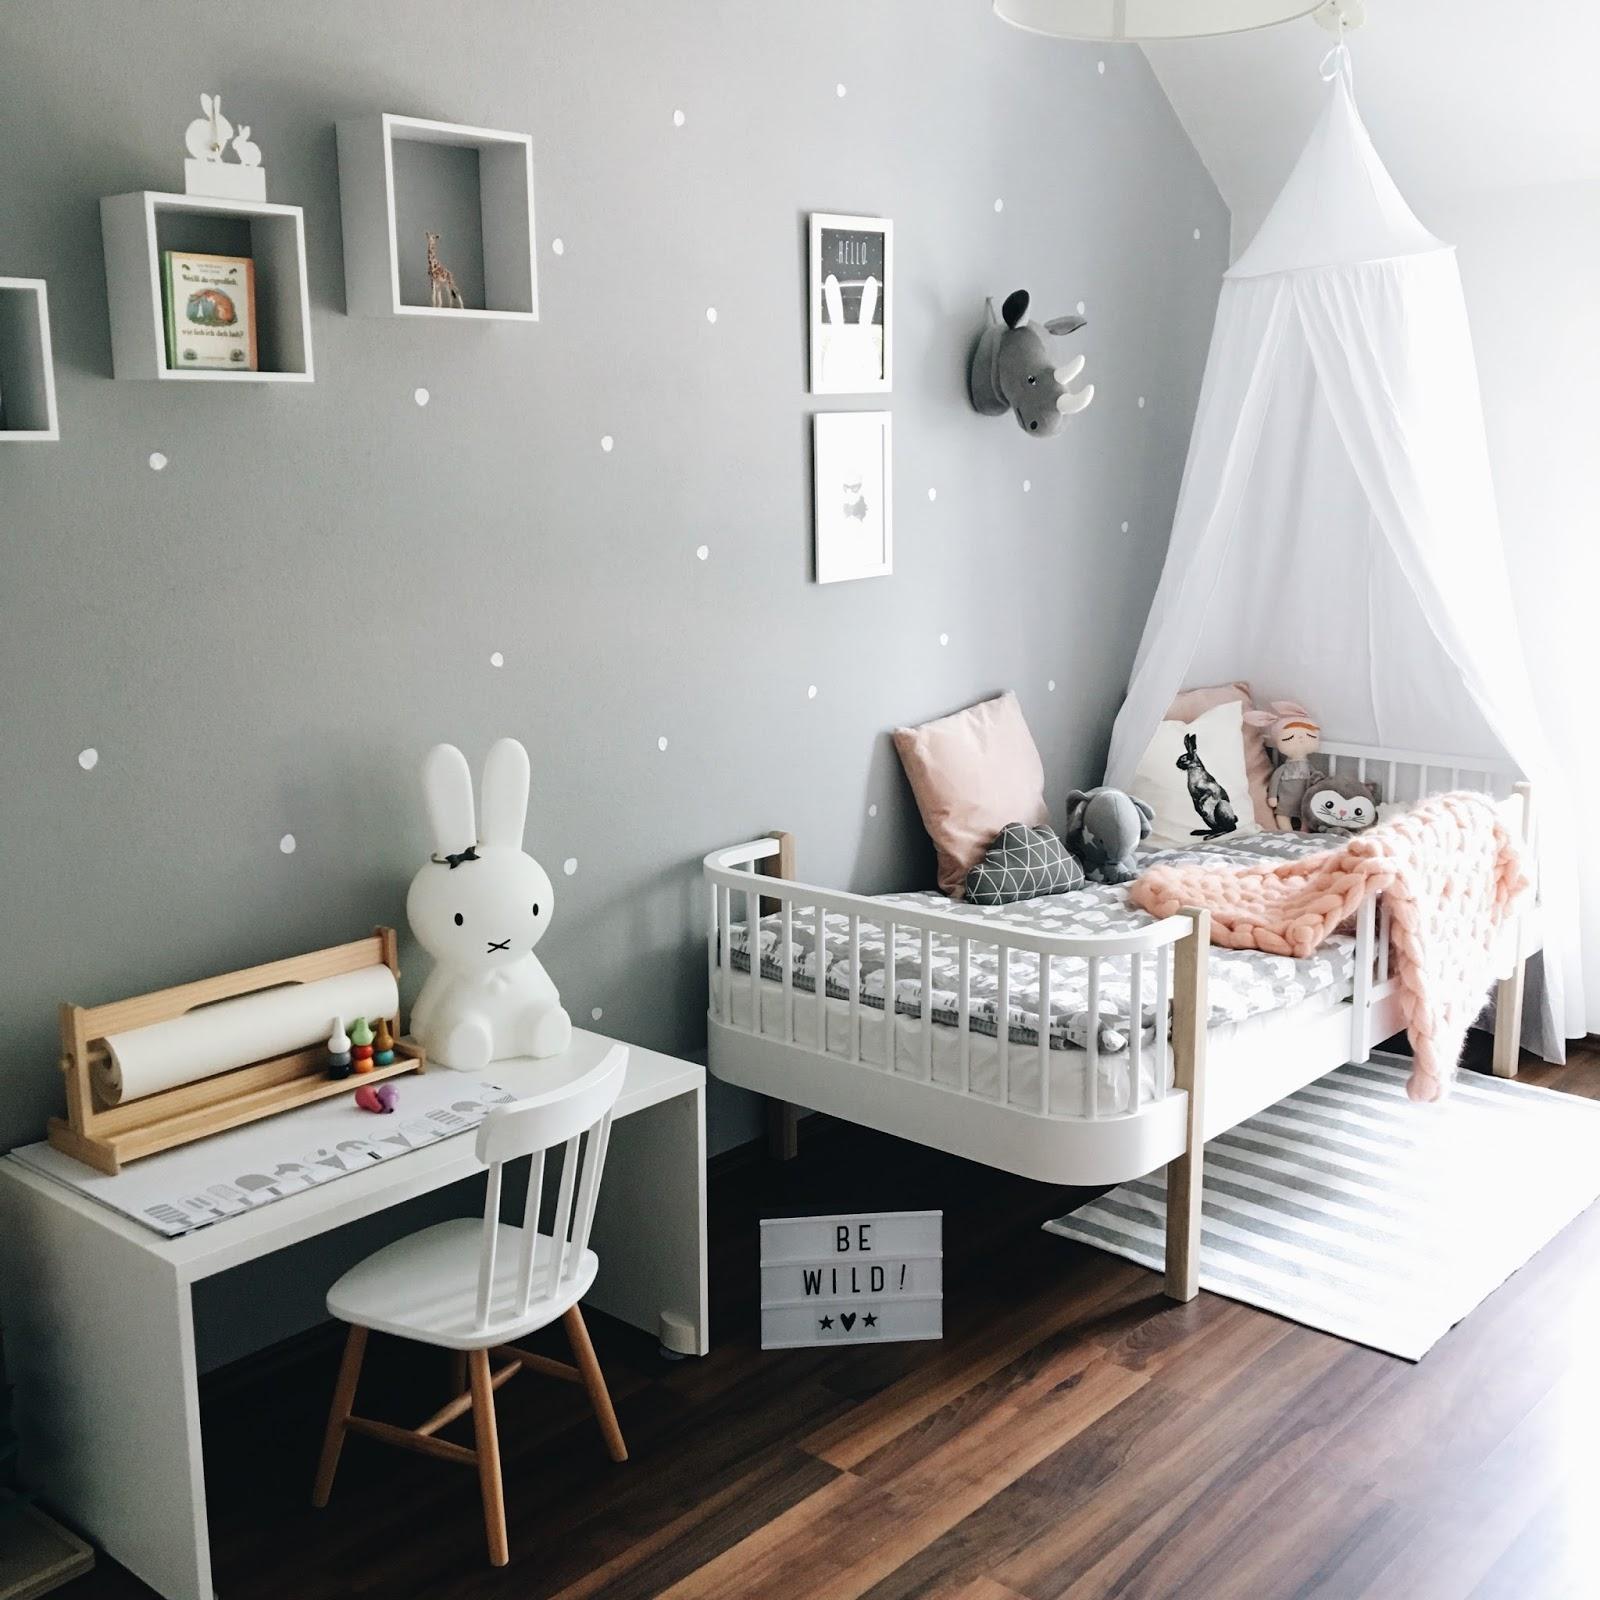 sonjas picturebook interior update ein neues kinderbett. Black Bedroom Furniture Sets. Home Design Ideas